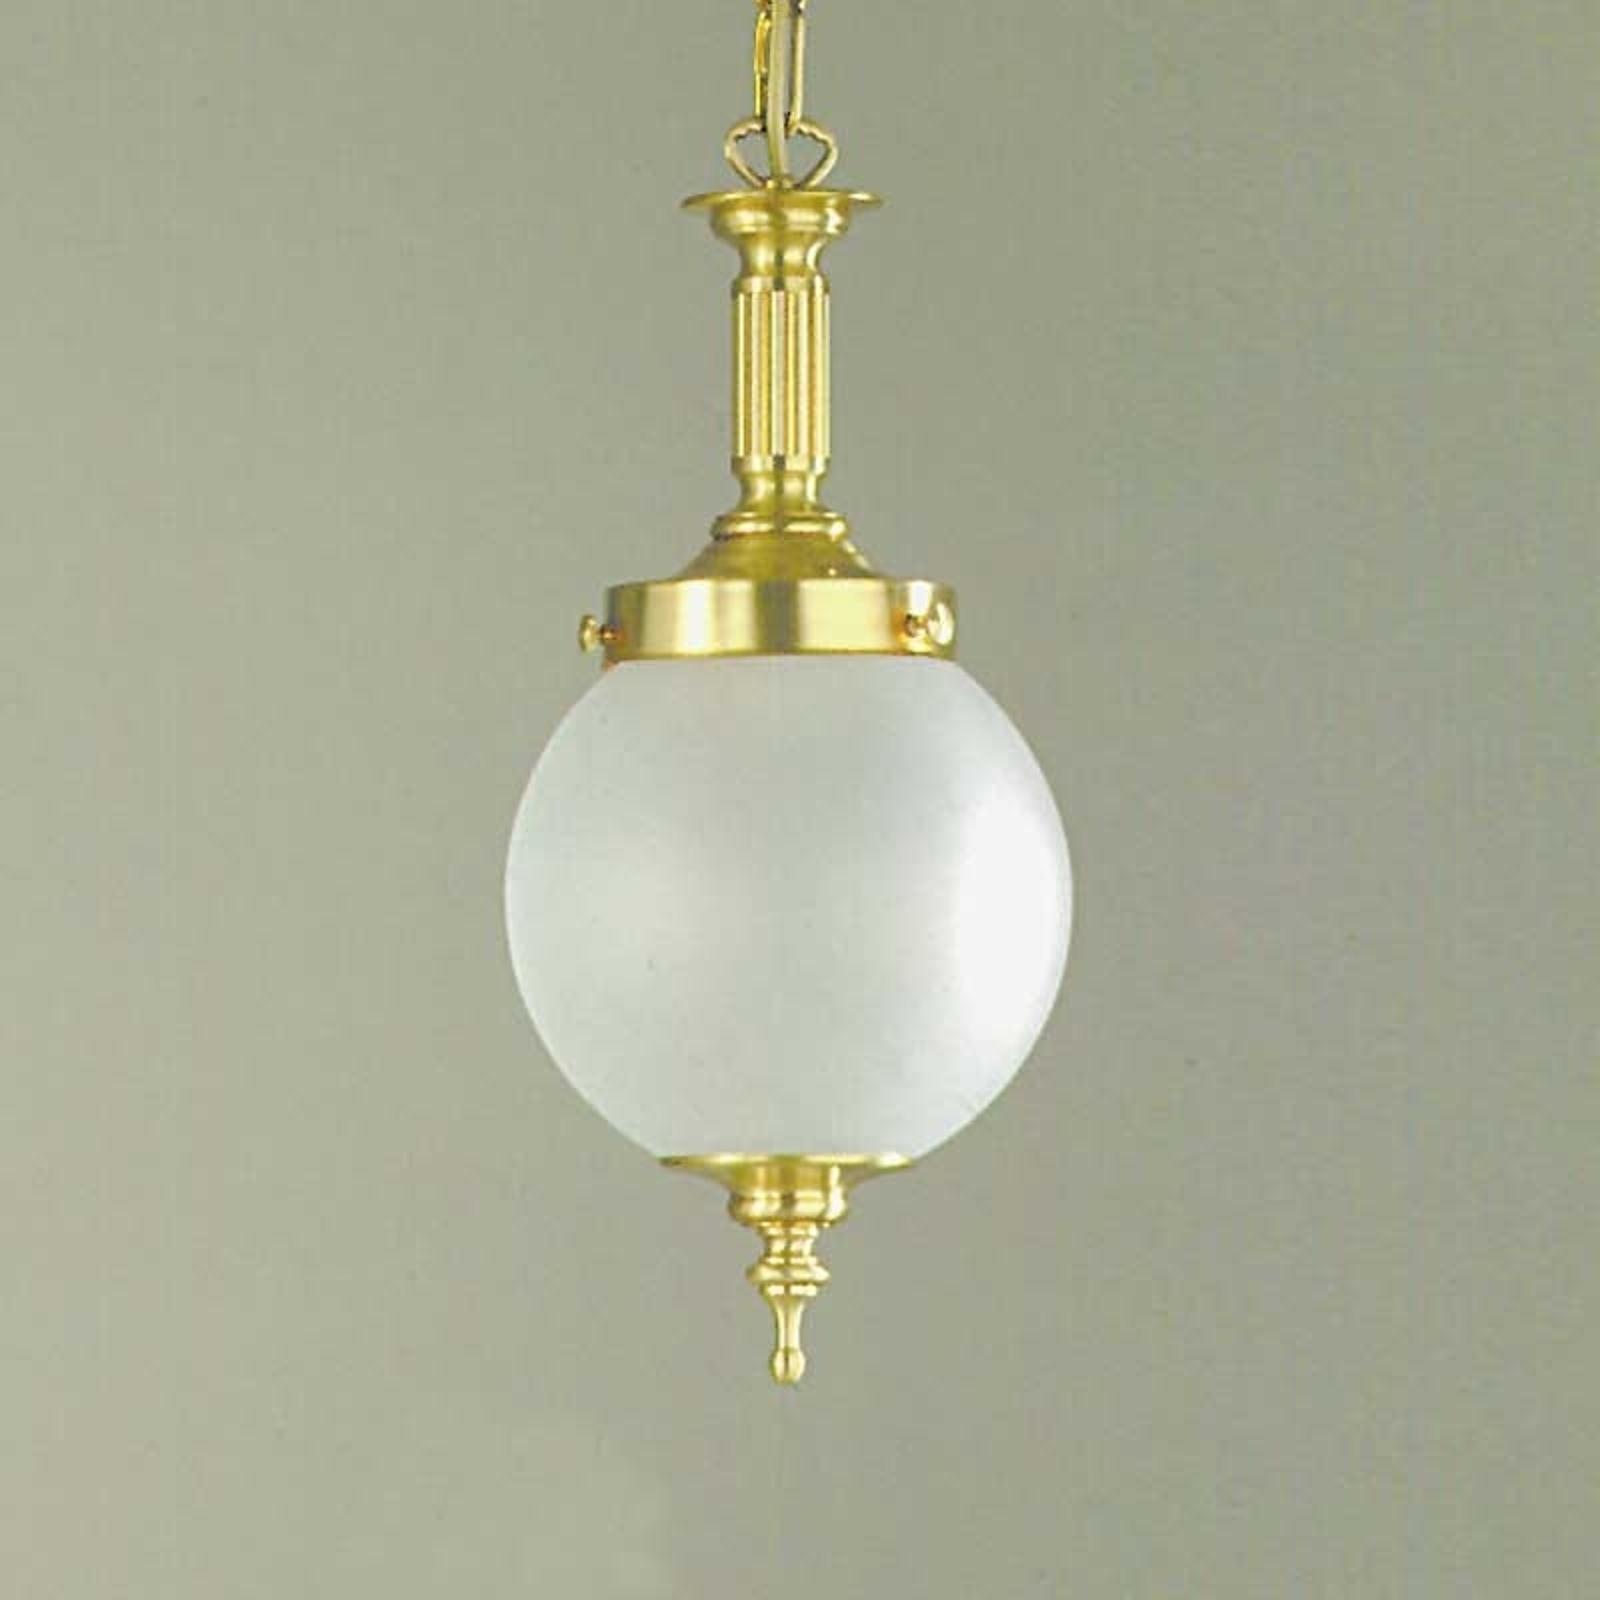 Hanglamp OBJEKT in Jugendstil, brons 20 cm